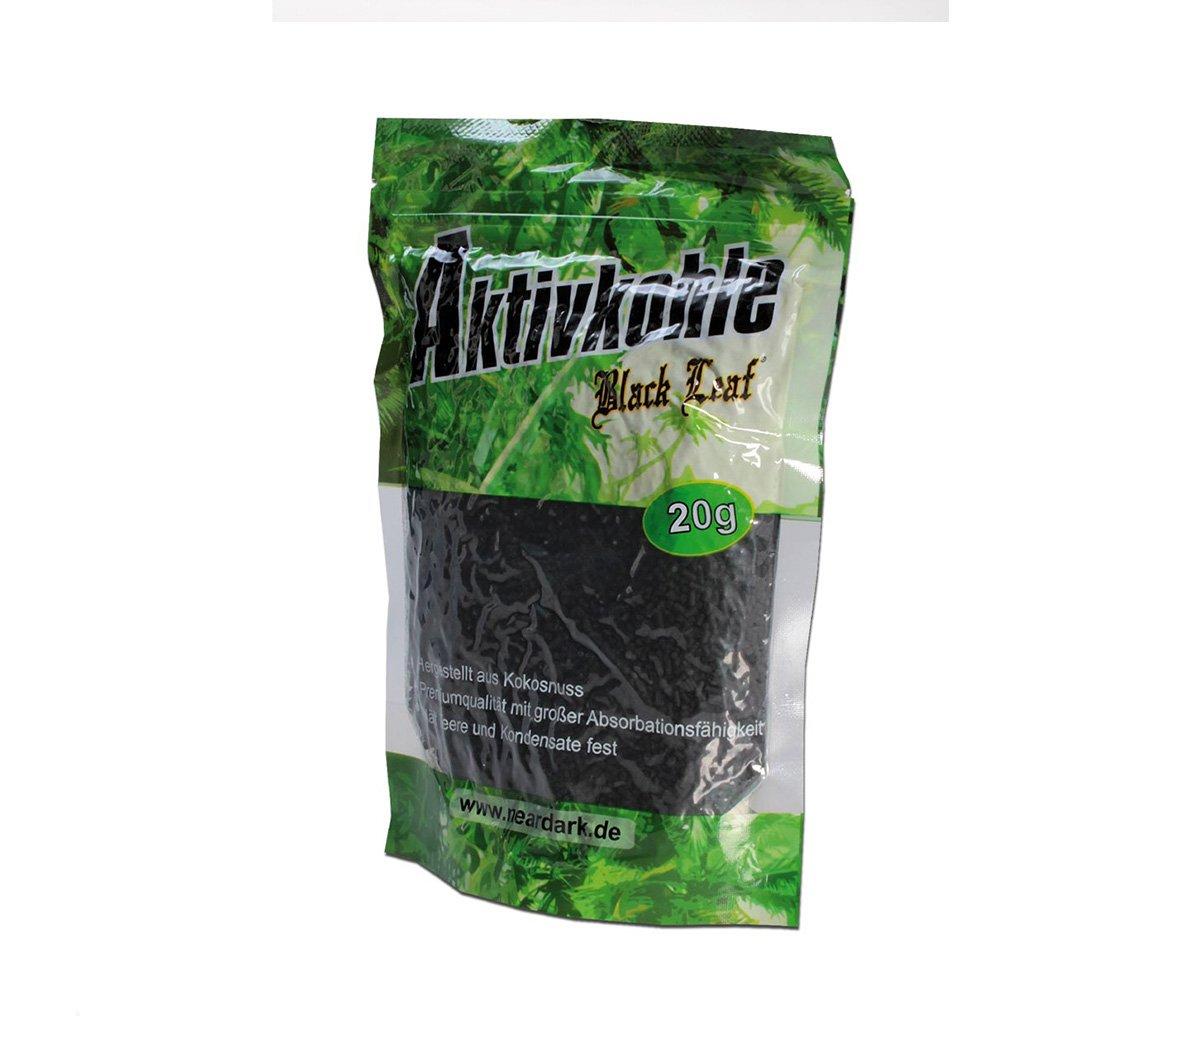 Black Leaf Activated Carbon 20 gr - Waterpijp-bong.nl